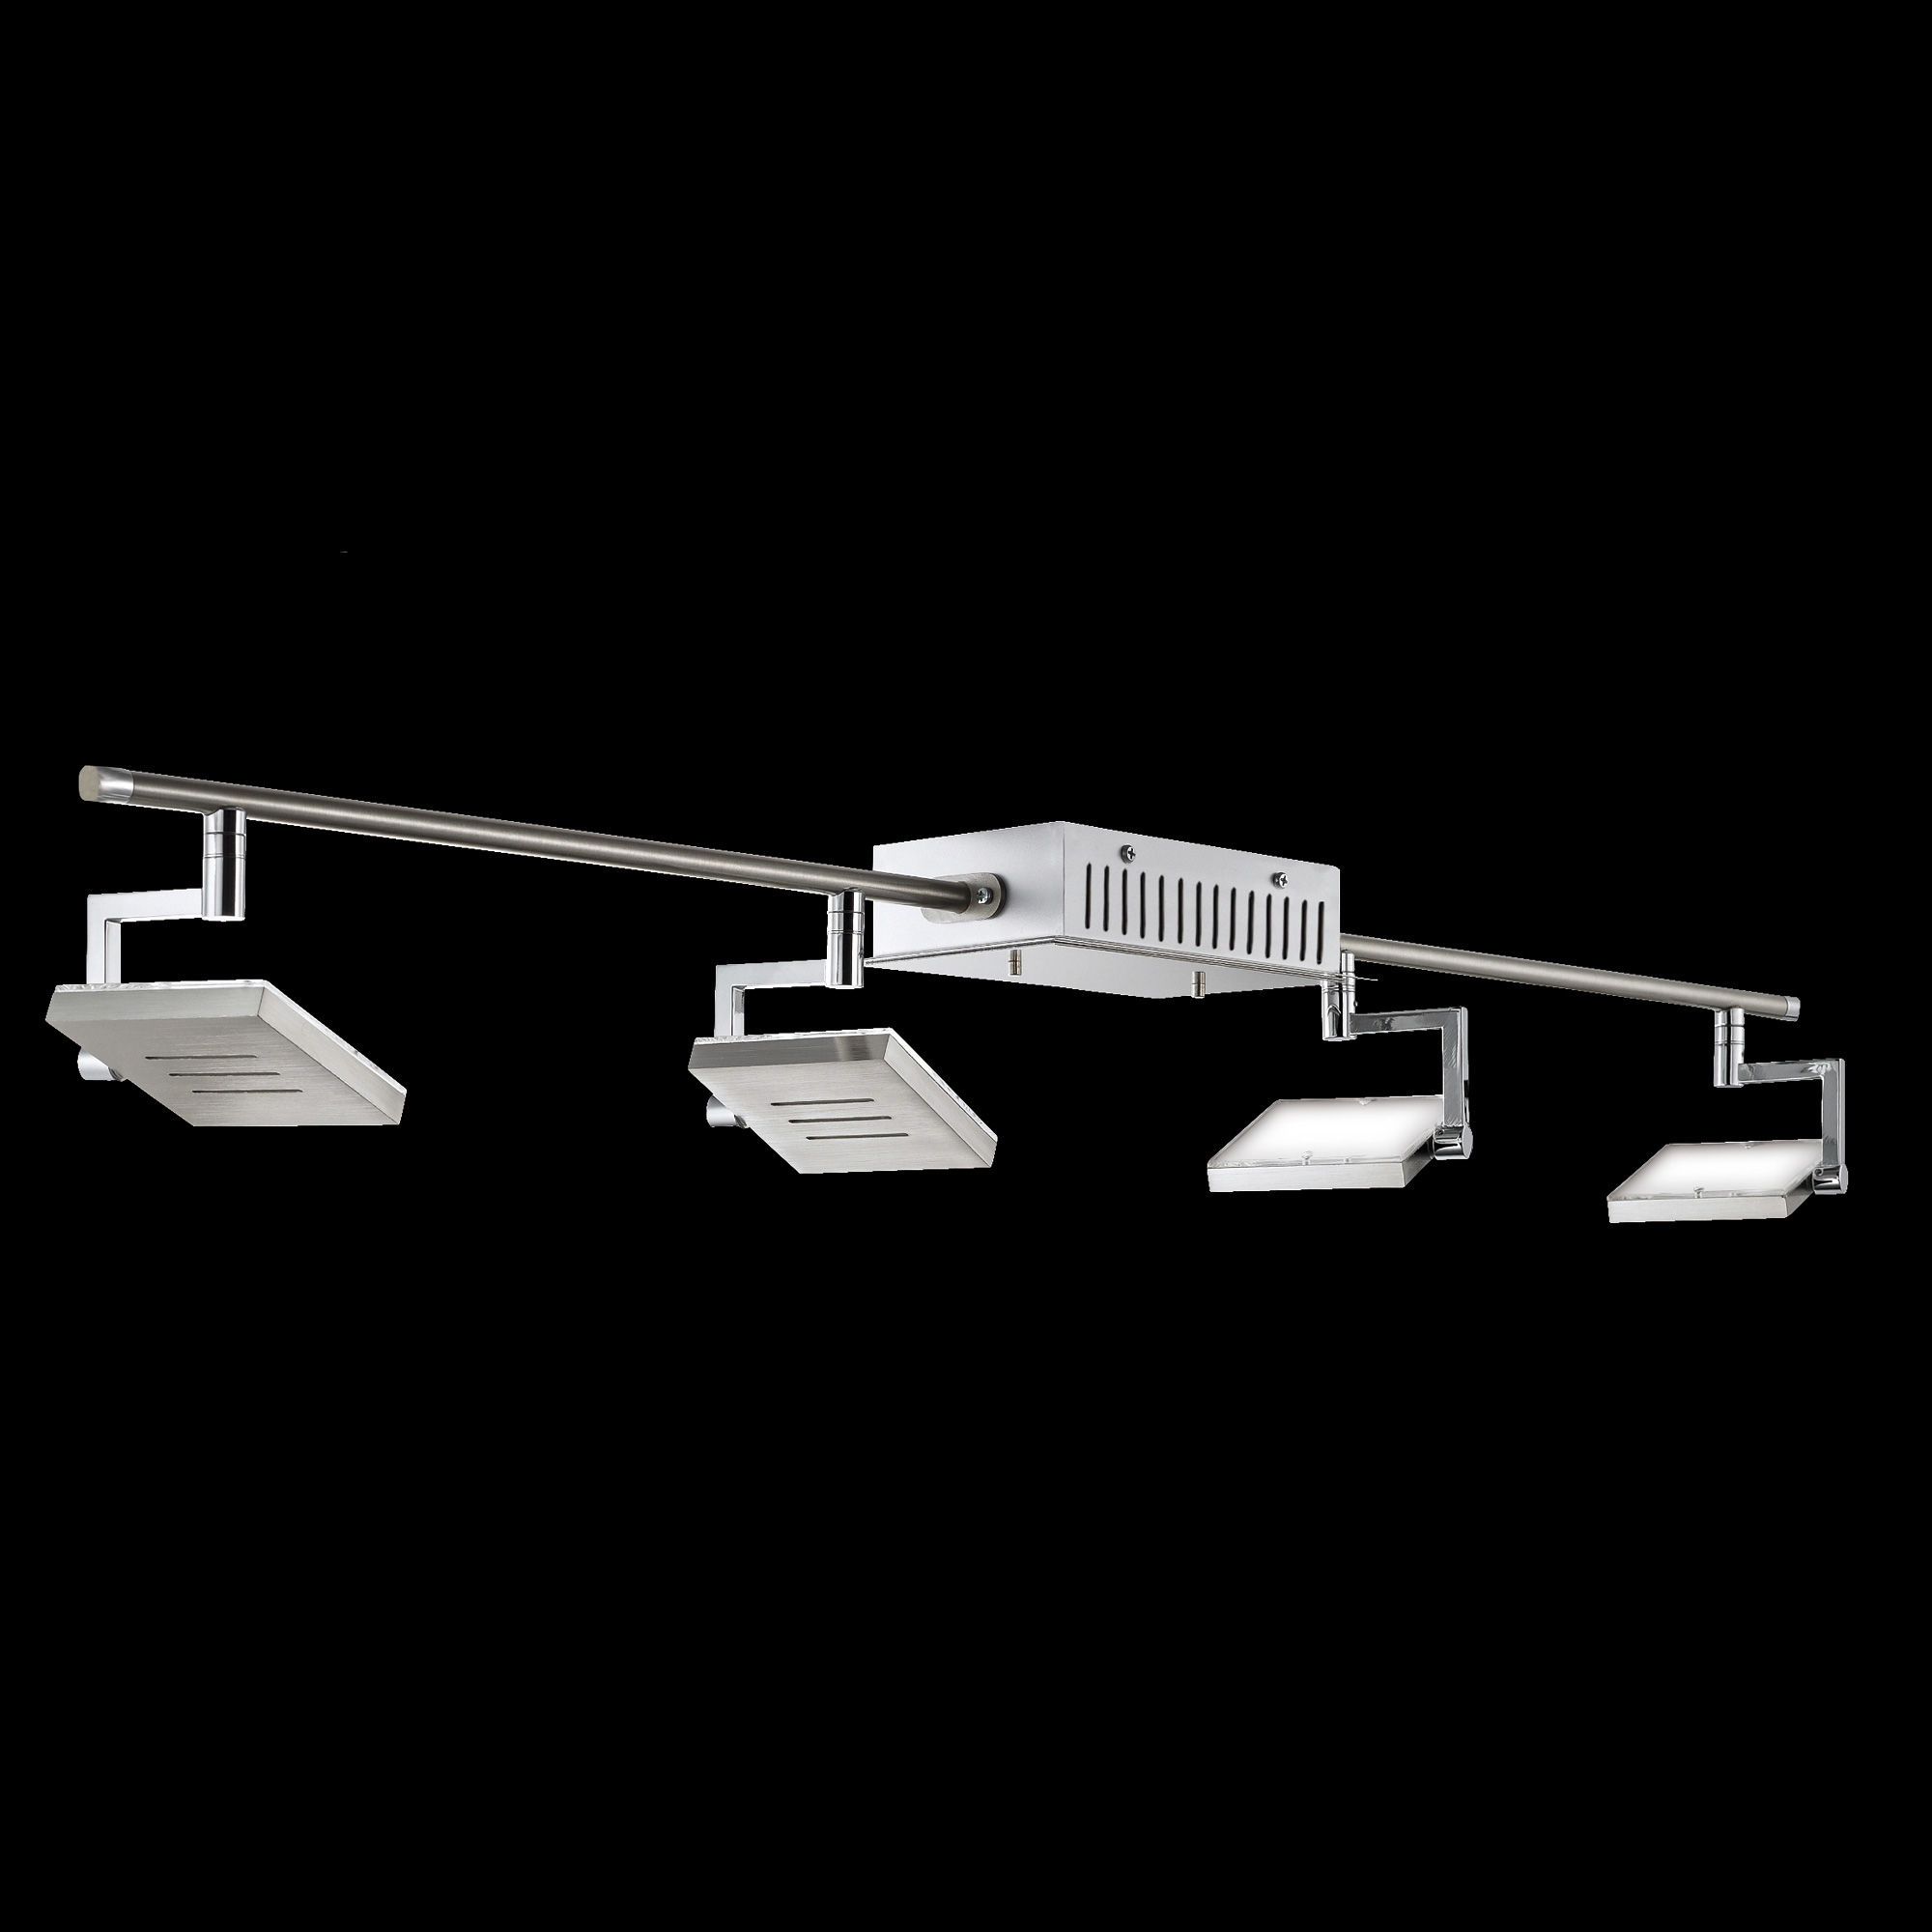 shine by fischer 16254 led deckenspot 4 flammig 16254 reuter onlineshop. Black Bedroom Furniture Sets. Home Design Ideas